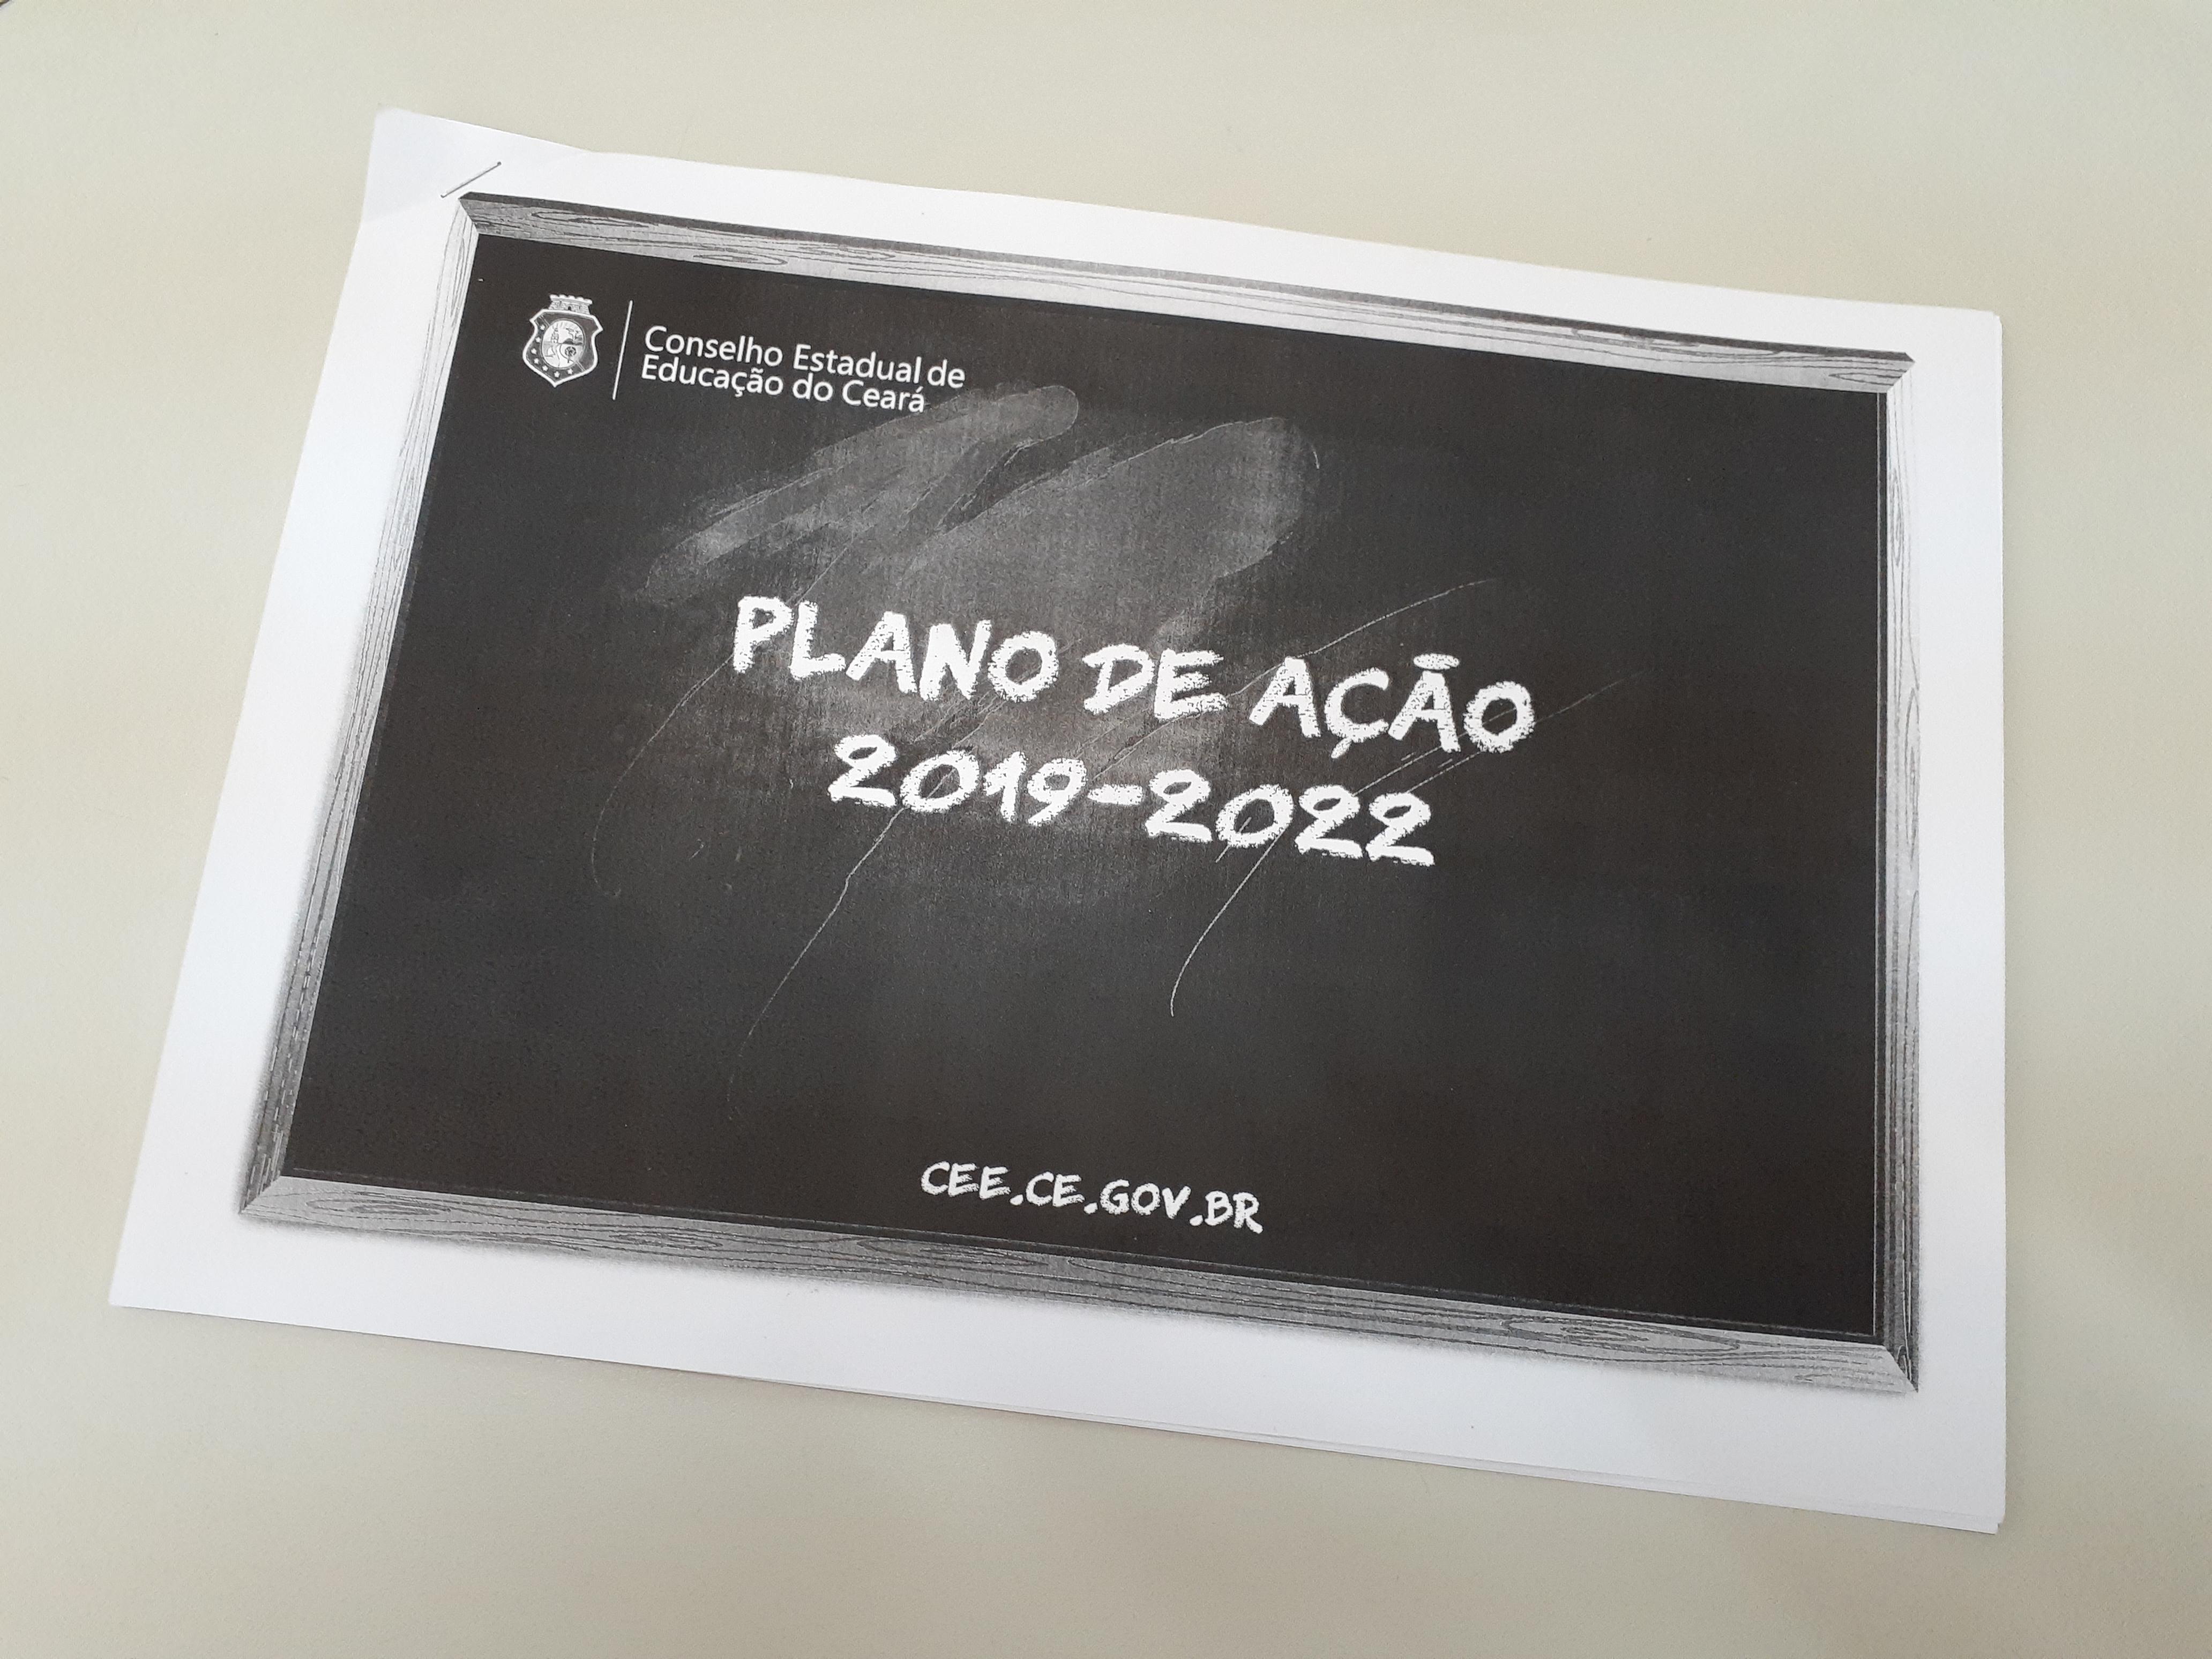 CEE elabora Plano de Ação para o quadriênio 2019-2022